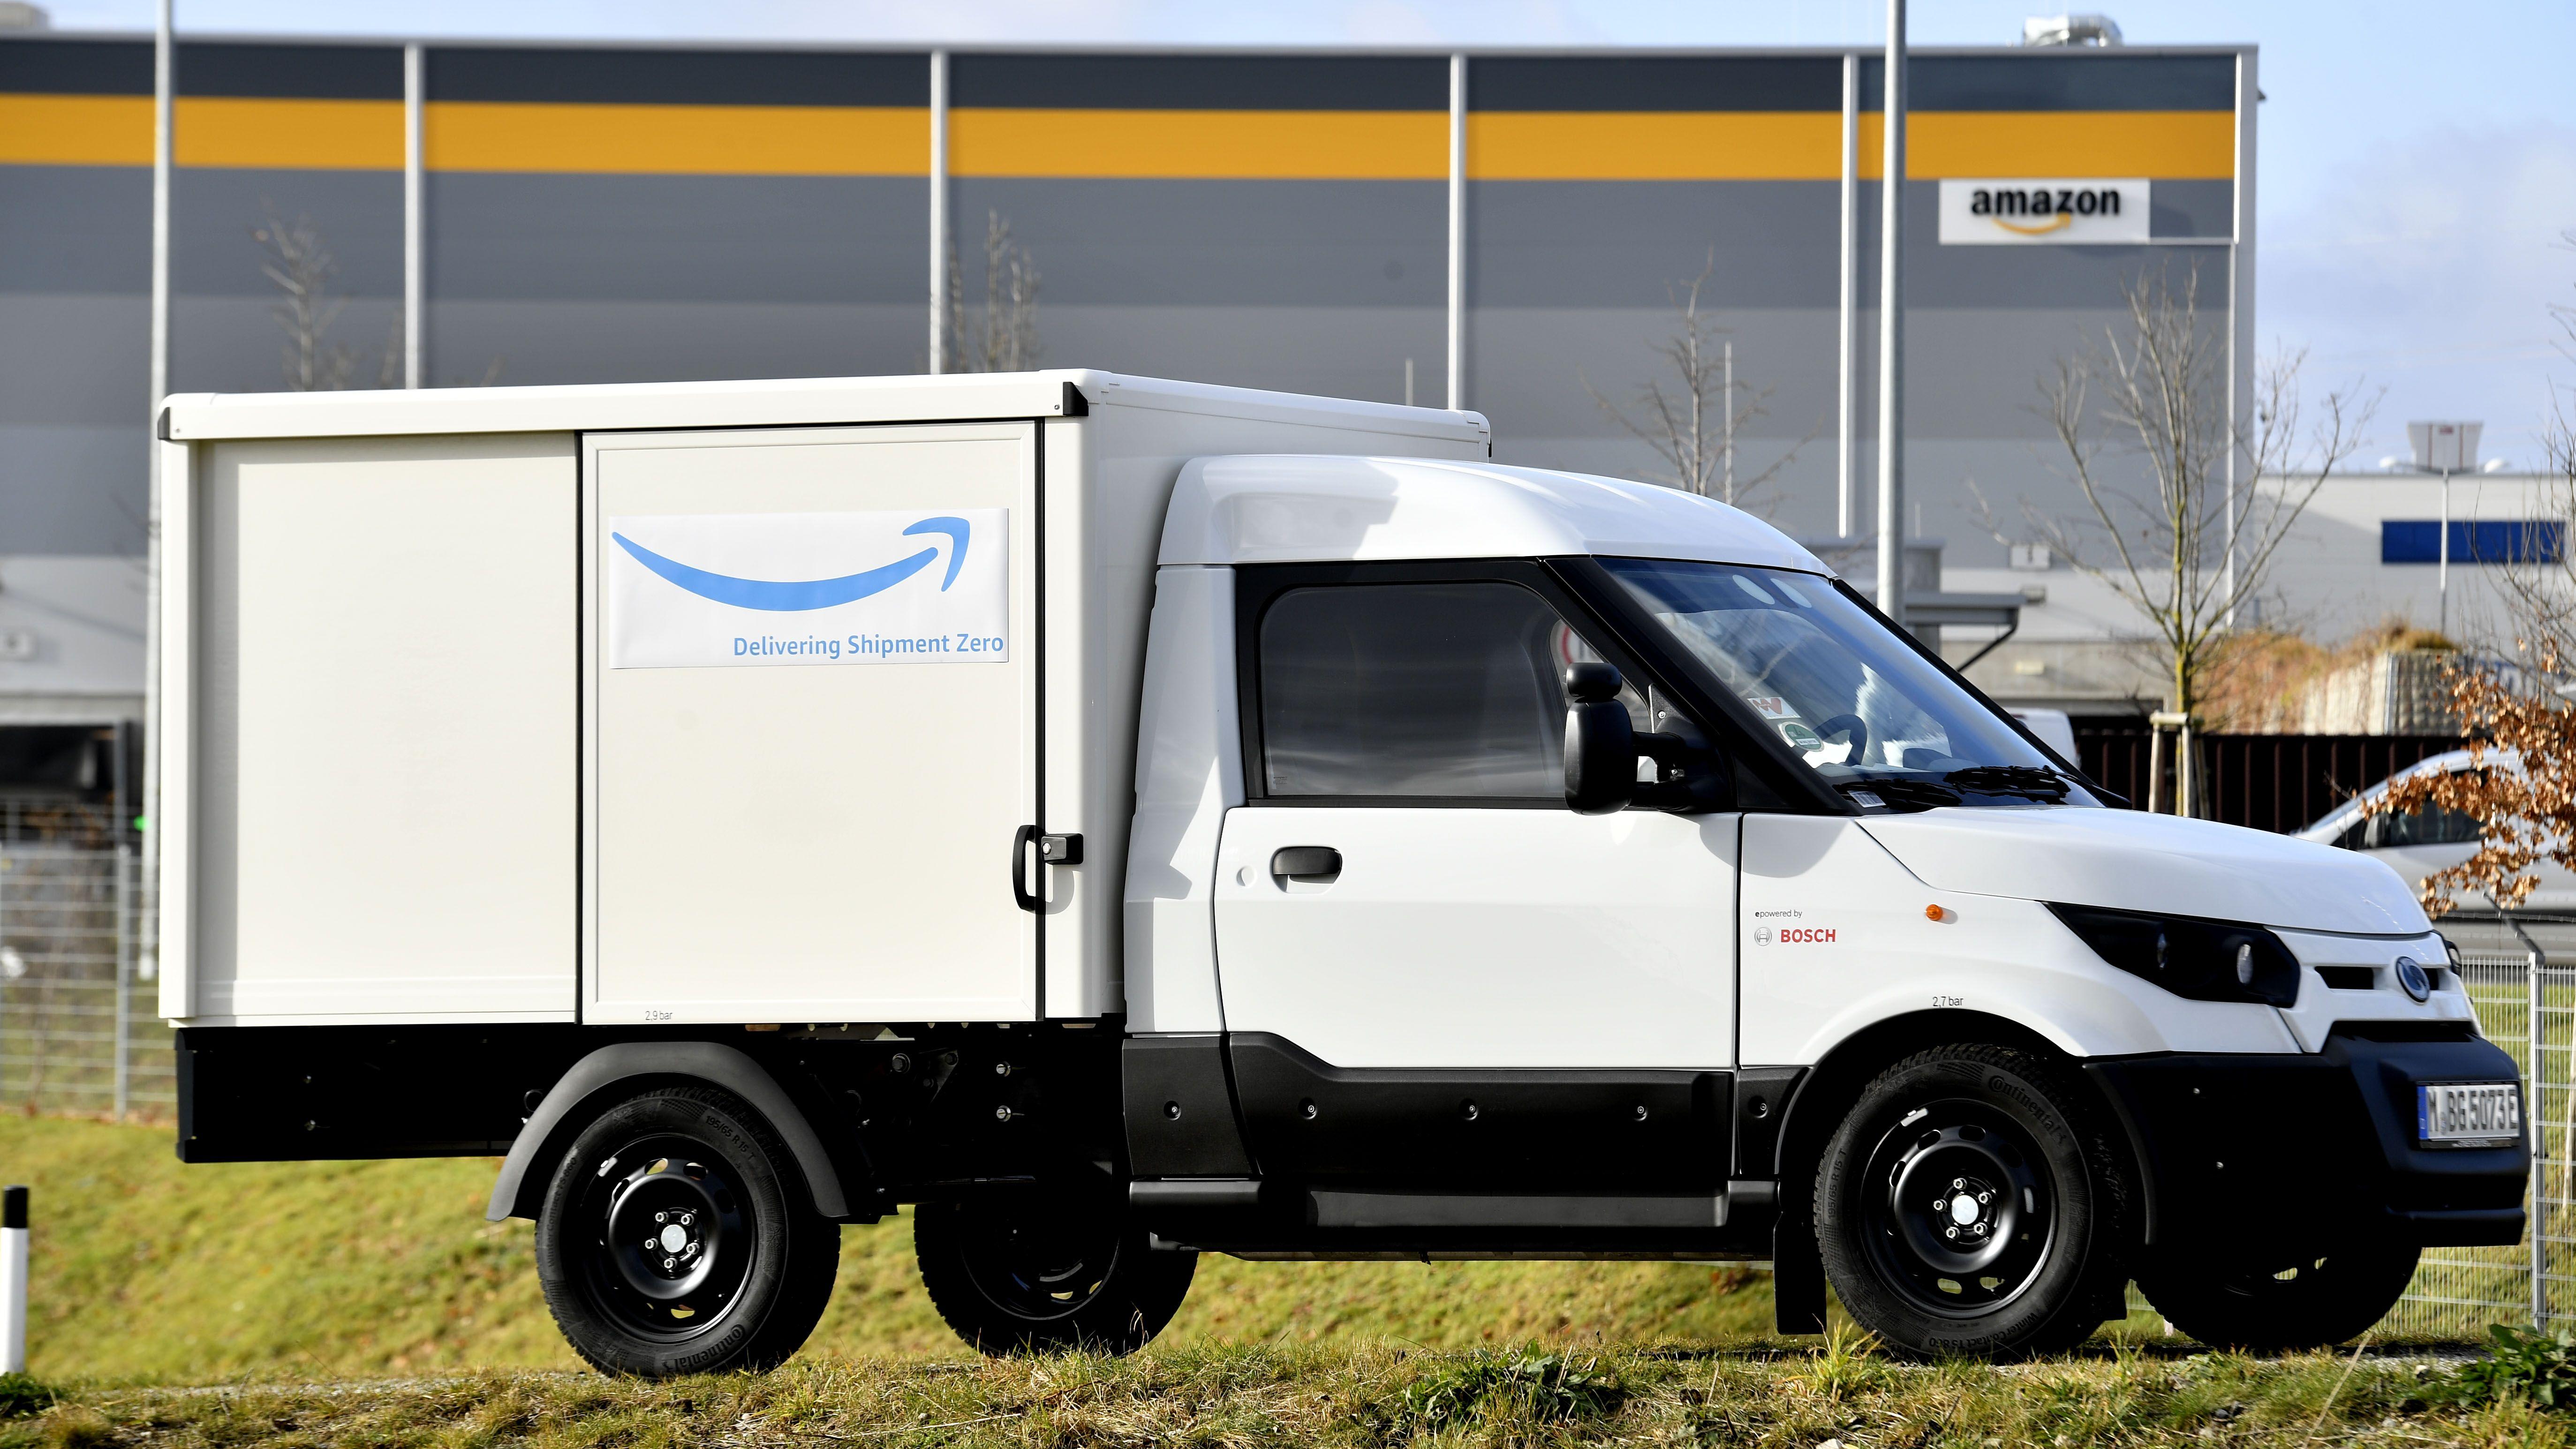 Elektrotransporter : Amazon kauft 40 Streetscooter-Lieferwagen der Deutschen Post